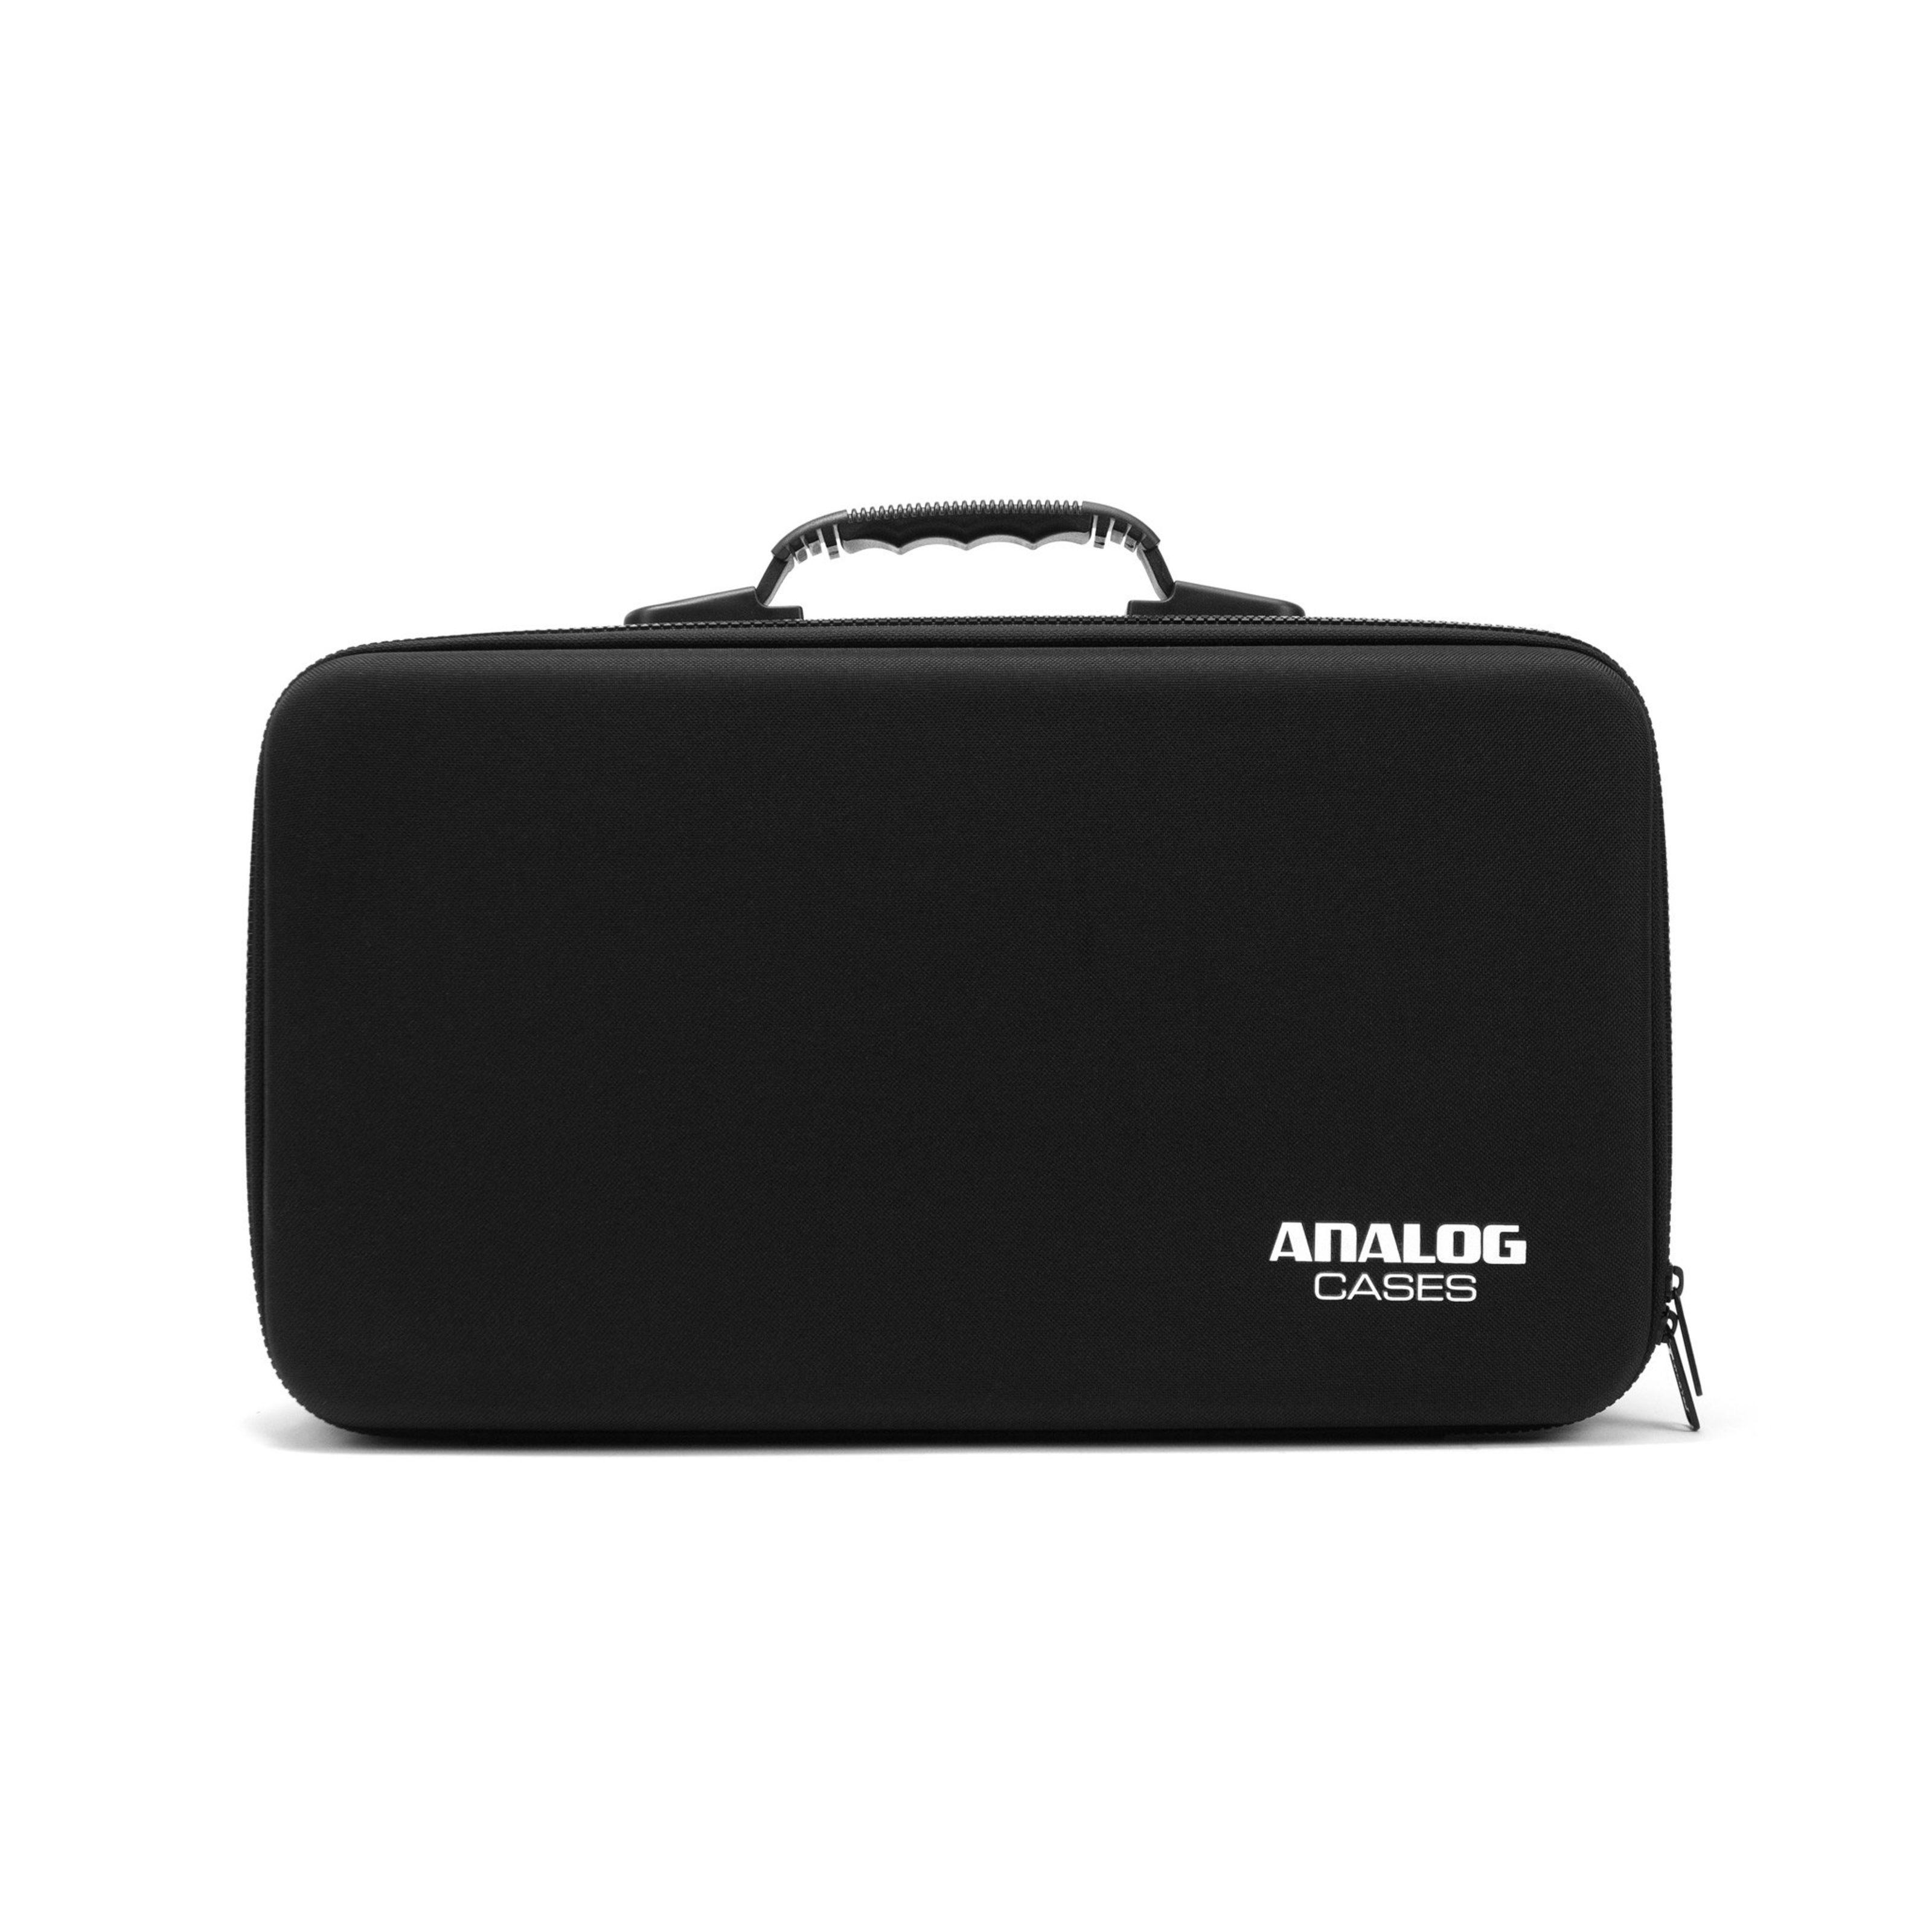 Analog Cases - PULSE Case Elektron Analog Rytm/Four MkII 54-90028